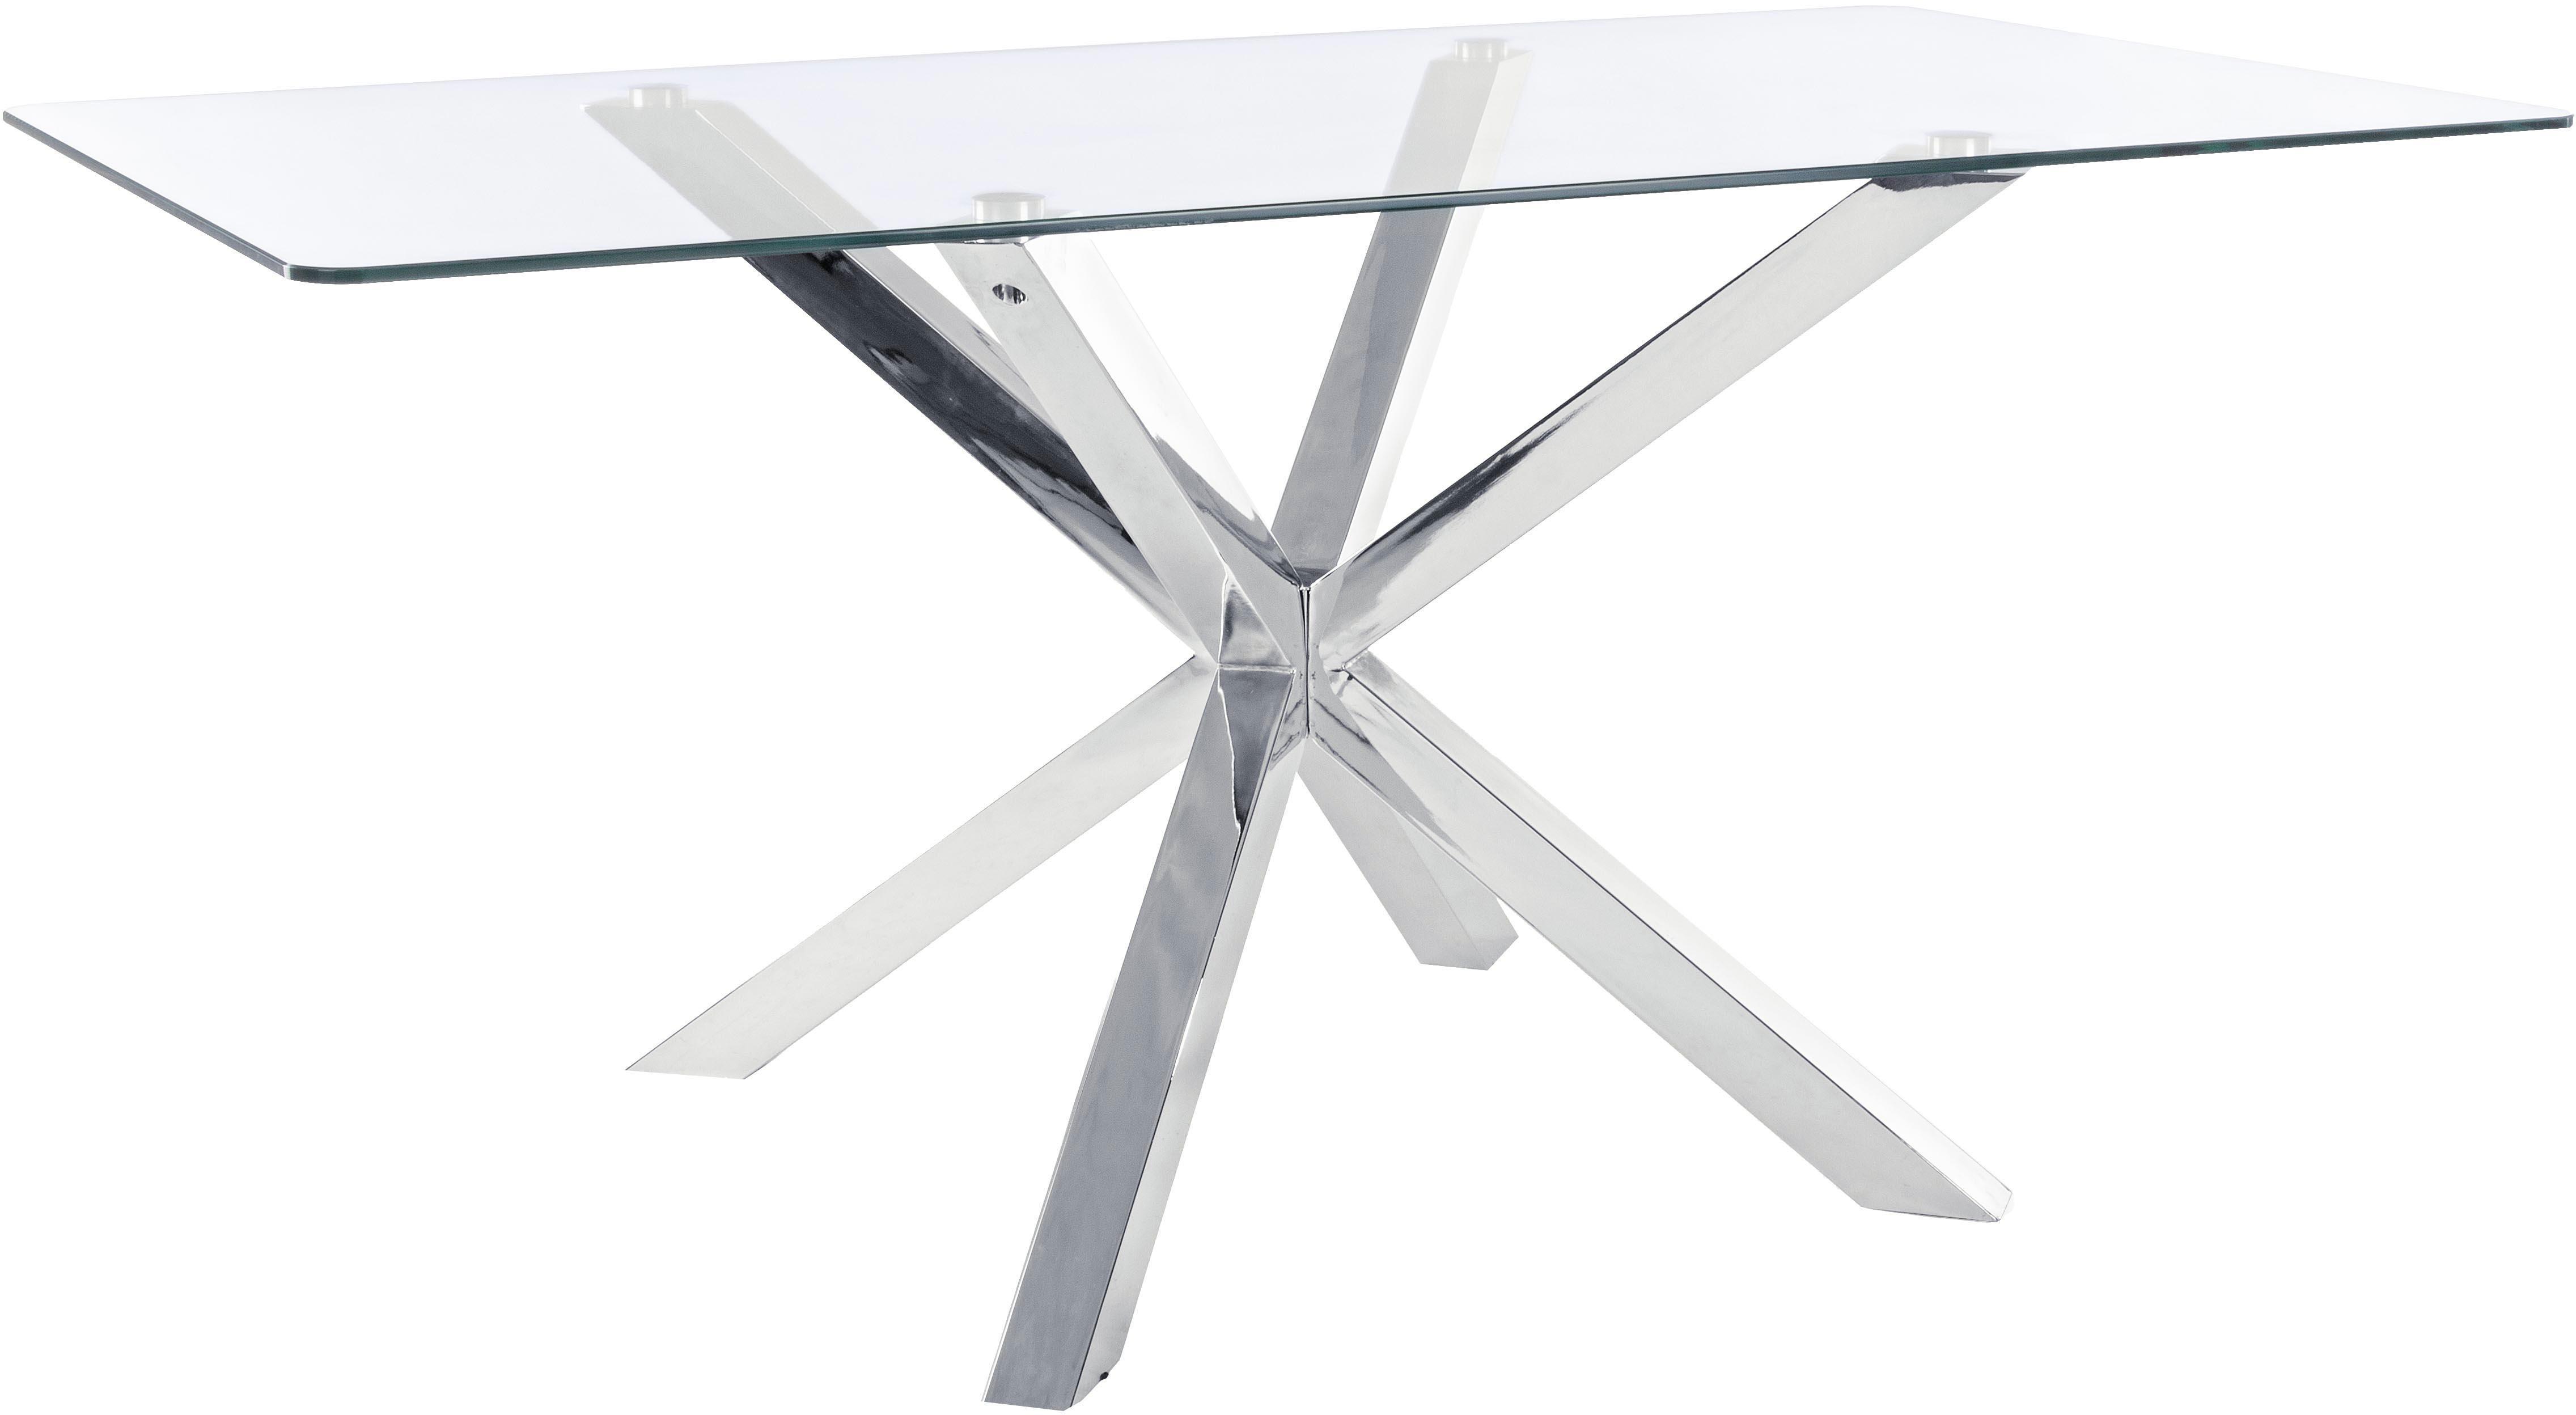 Esstisch May mit Glasplatte, Tischplatte: Glas, Beine: Edelstahl, poliert, Tischplatte: TransparentBeine: Edelstahl, B 160 x T 90 cm